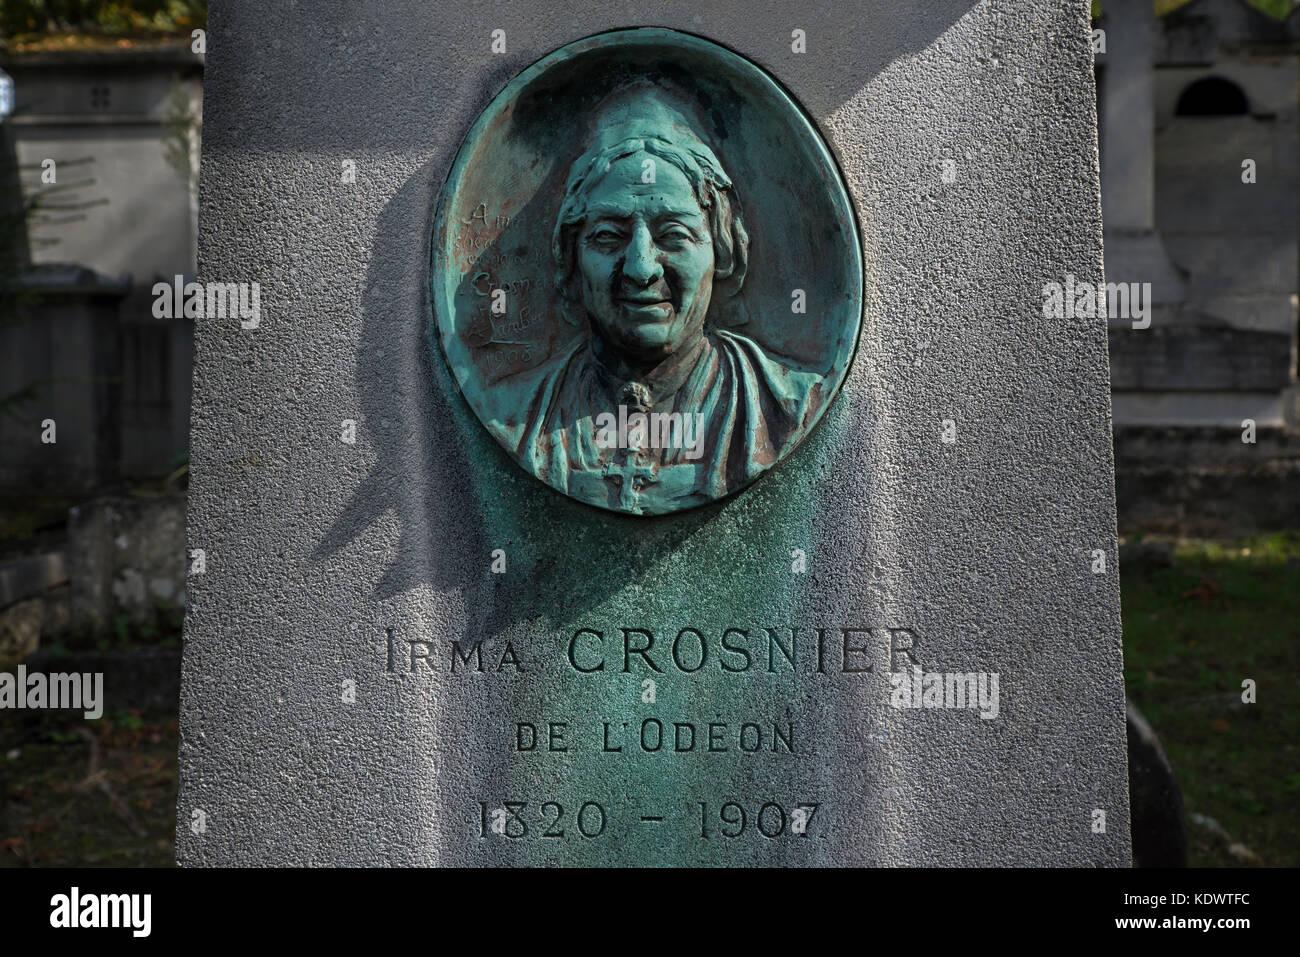 Das Grab der französischen Schauspielerin Irma Crosnier (1820-1907), der mit einer bronzenen Medaille von Albert Stockbild